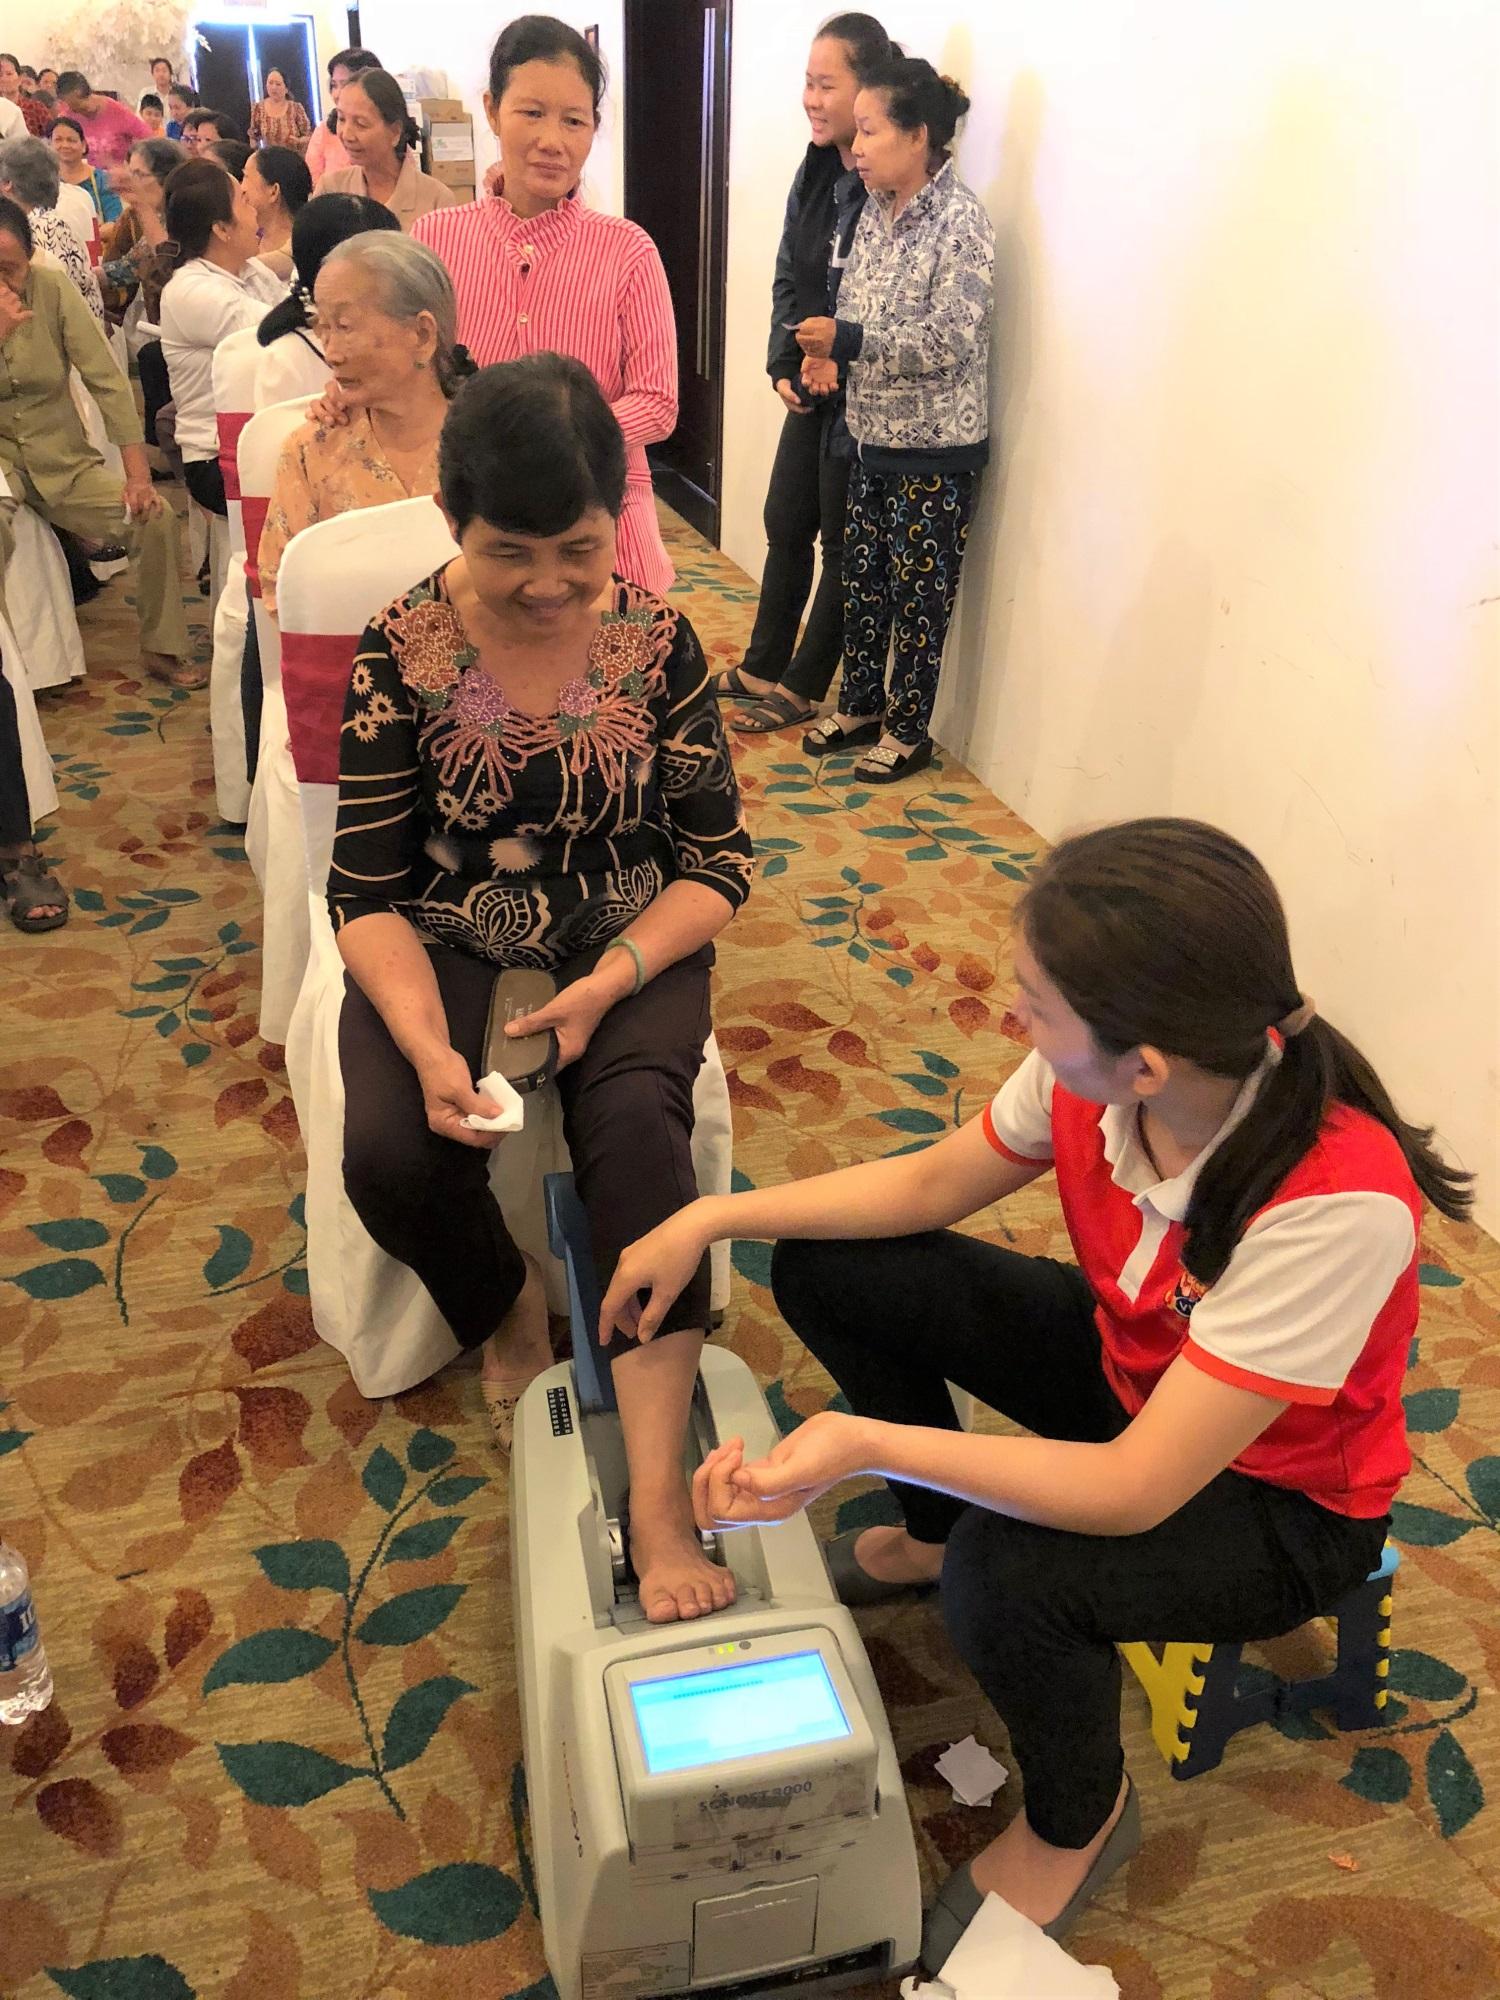 Vinamilk tổ chức gần 20 chương trình đồng hành chăm sóc sức khỏe người cao tuổi trong 6 tháng qua - Ảnh 2